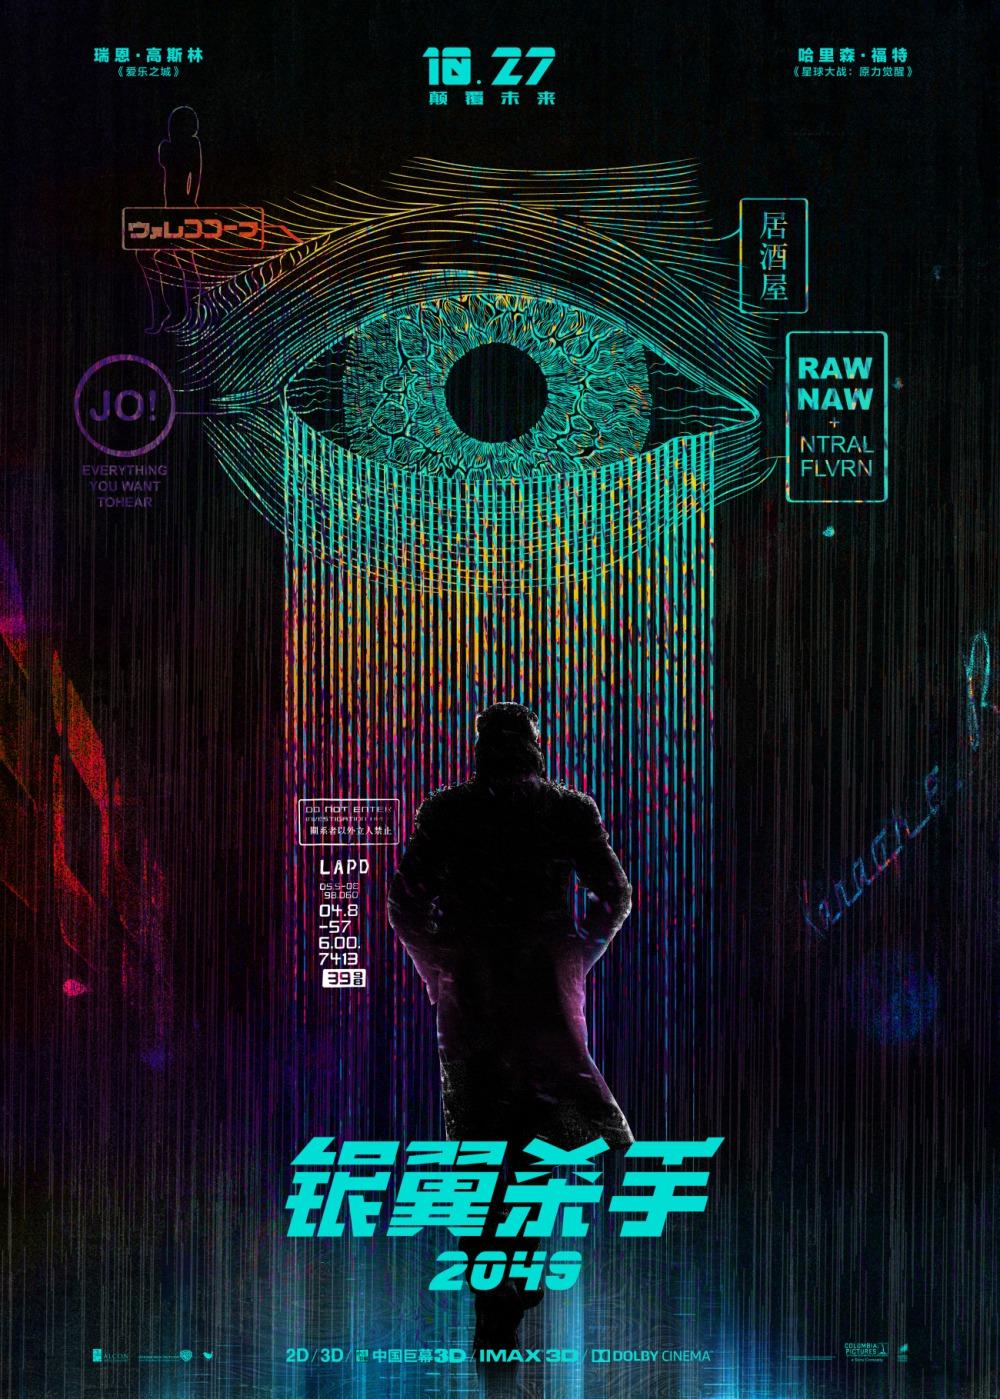 3d Wallpaper Photo Download Blade Runner 2049 Dvd Release Date Redbox Netflix